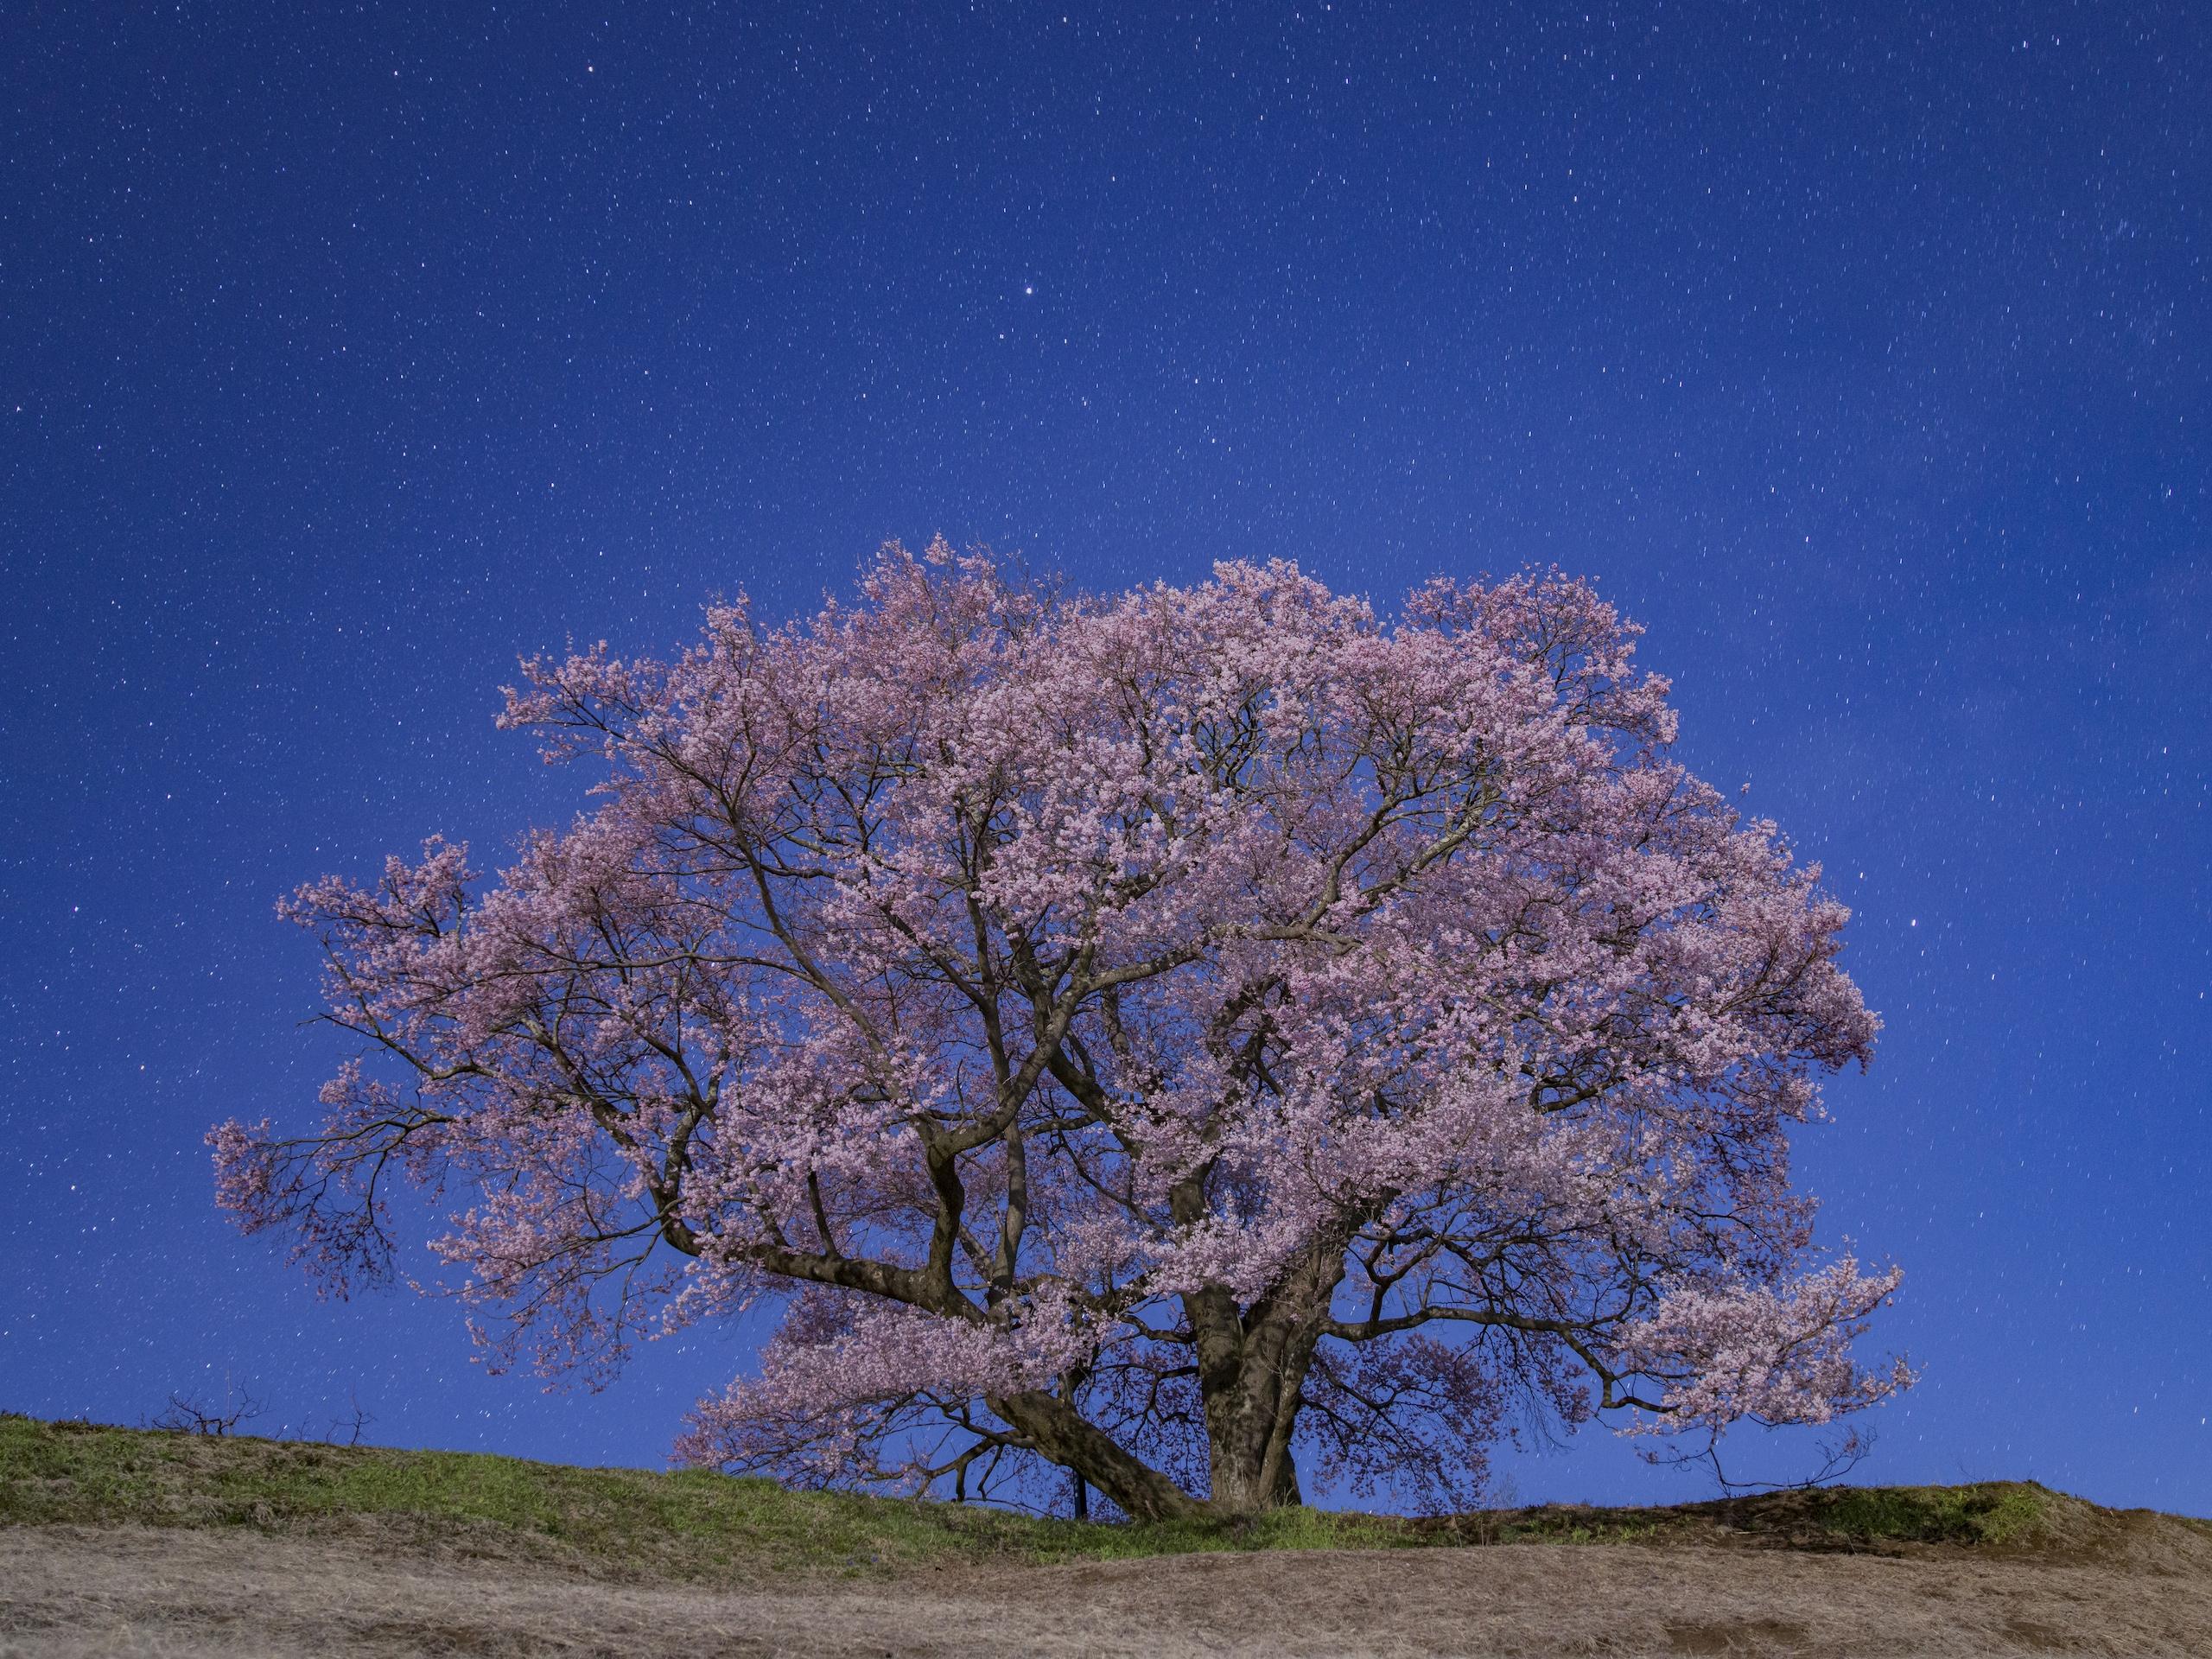 TERUYASU KITAYAMA  ハッセルブラッドの中判デジタルで広がる天体・星景写真の世界